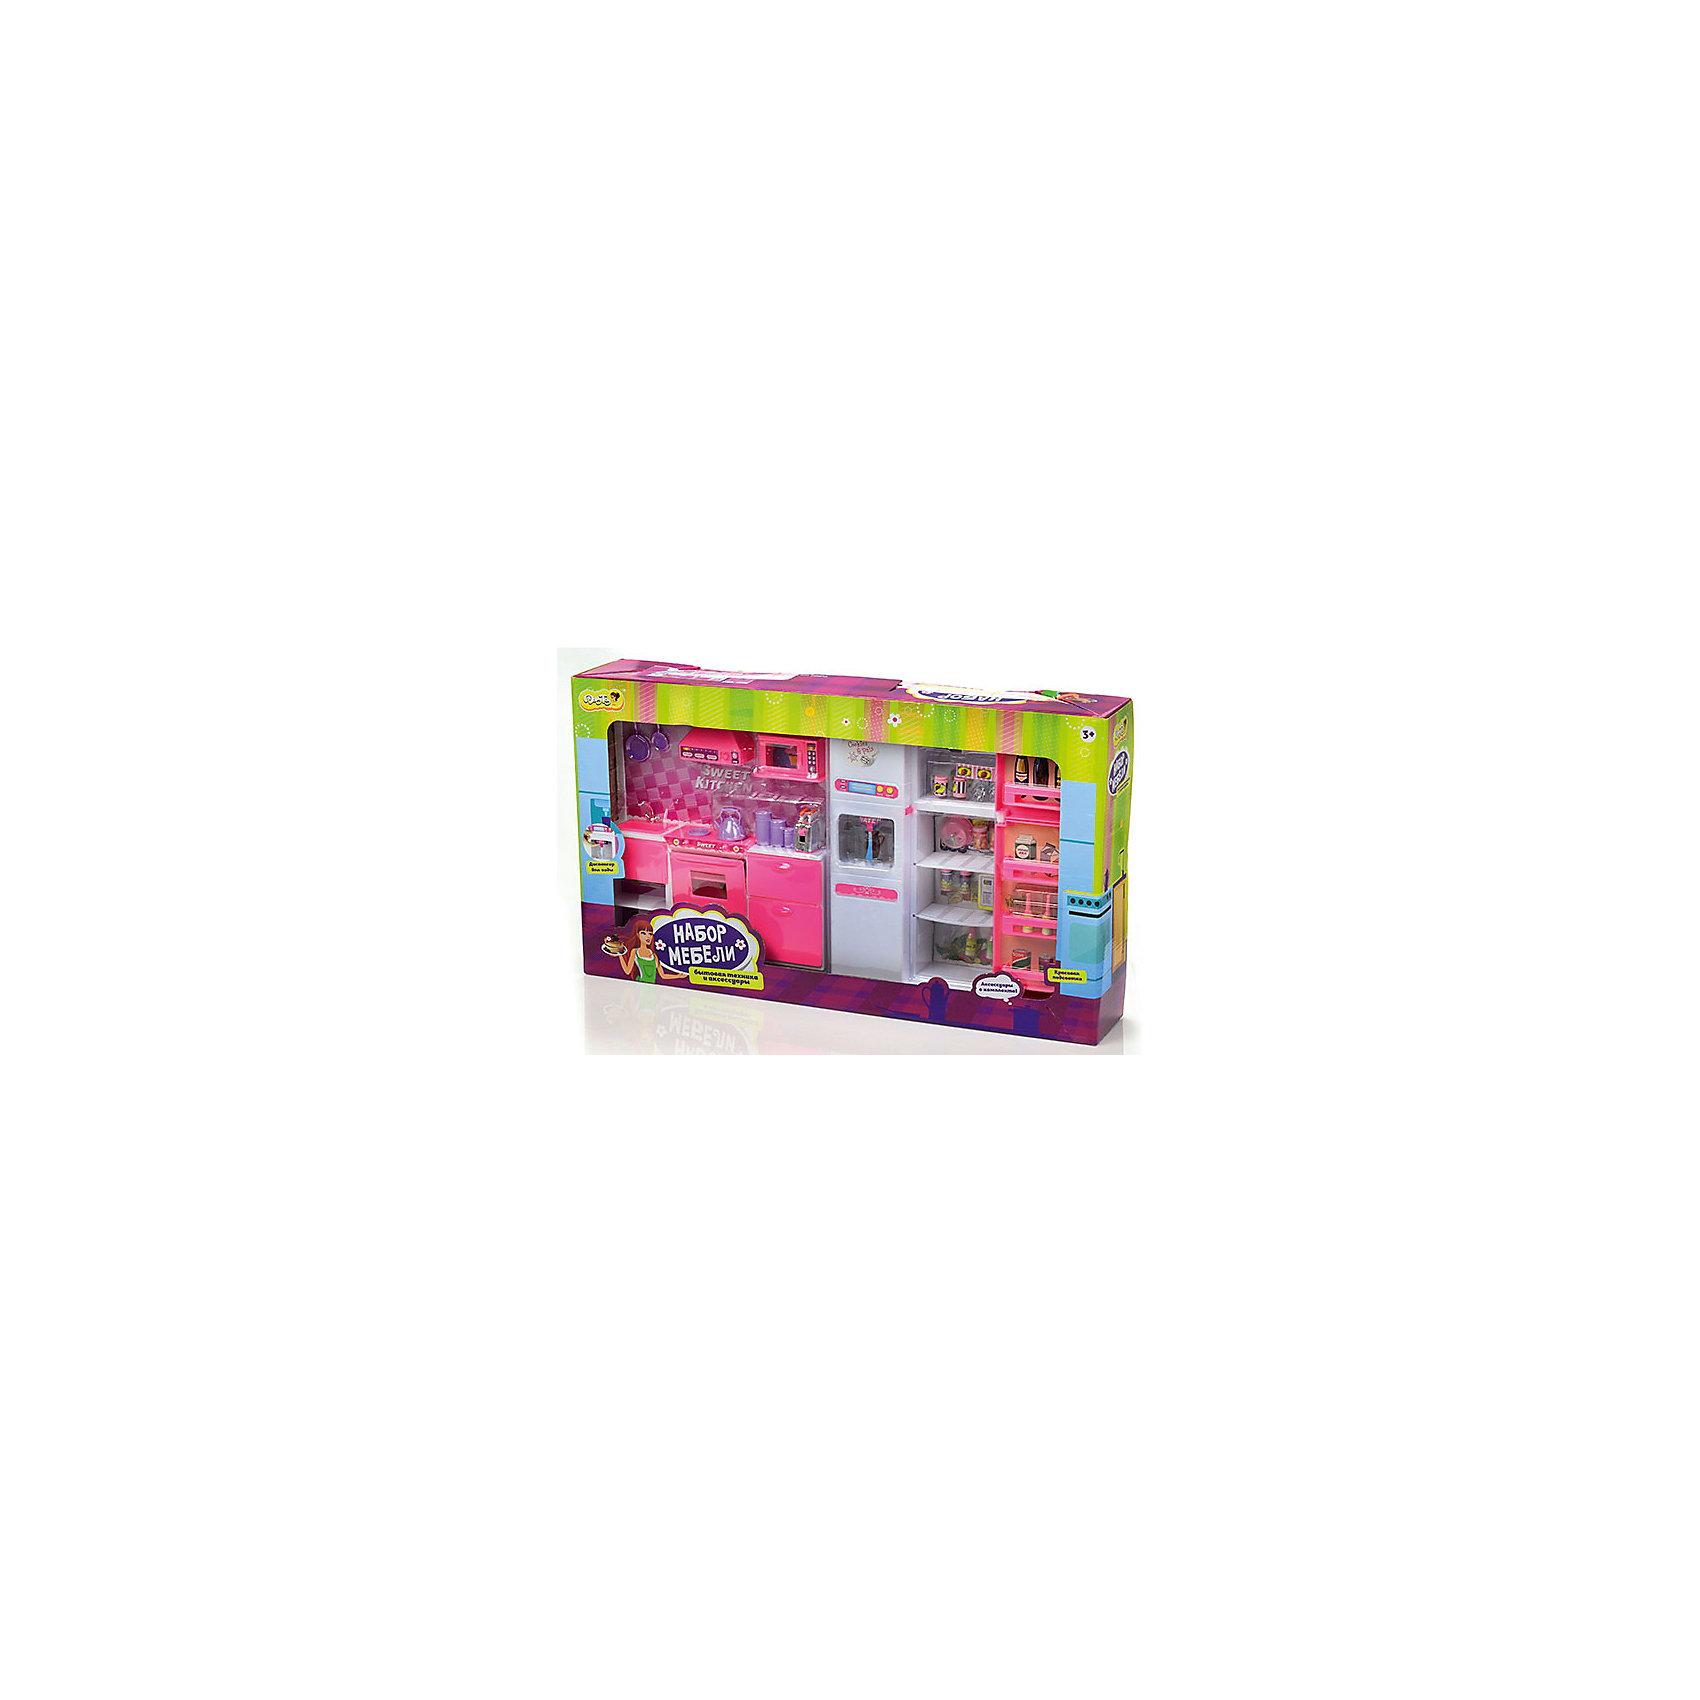 Набор мебели для кукол Большая кухня, DollyToyКукольная одежда и аксессуары<br>Характеристики товара:<br><br>• возраст от 3 лет;<br>• материал: пластик;<br>• в комплекте: кухня с аксессуарами;<br>• размер упаковки 55х31х9 см;<br>• вес упаковки 1,68 кг;<br>• страна производитель: Китай.<br><br>Набор мебели для кукол «Большая кухня» DollyToy — набор бытовой техники с холодильником, посуды для кукол, с которым девочка может придумать сюжеты для игры. Ее любимая куколка может пригласить друзей в гости попить чай или попробовать вкусное блюдо. Дверцы на кухне открываются и закрываются. Игрушка оснащена световыми и звуковыми эффектами.<br><br>Набор мебели для кукол «Большая кухня» DollyToy можно приобрести в нашем интернет-магазине.<br><br>Ширина мм: 550<br>Глубина мм: 90<br>Высота мм: 310<br>Вес г: 1683<br>Возраст от месяцев: 36<br>Возраст до месяцев: 72<br>Пол: Женский<br>Возраст: Детский<br>SKU: 5581266